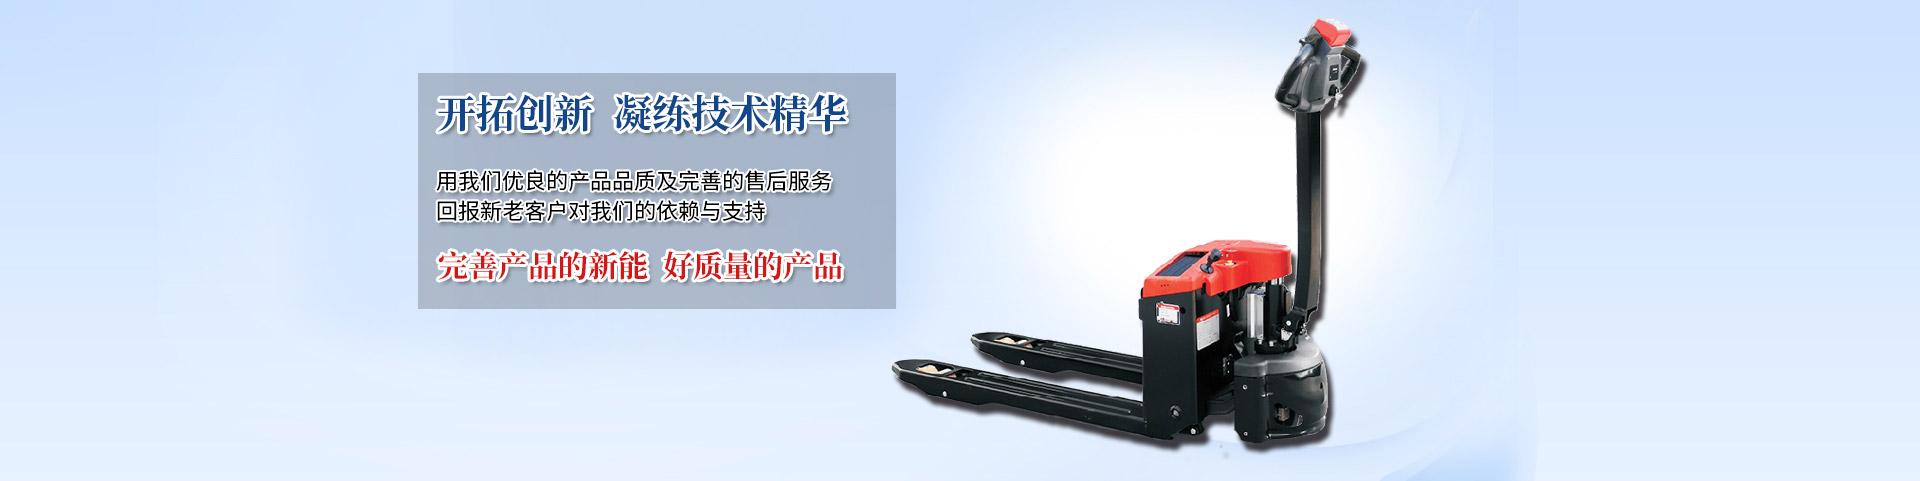 武汉电动搬运车